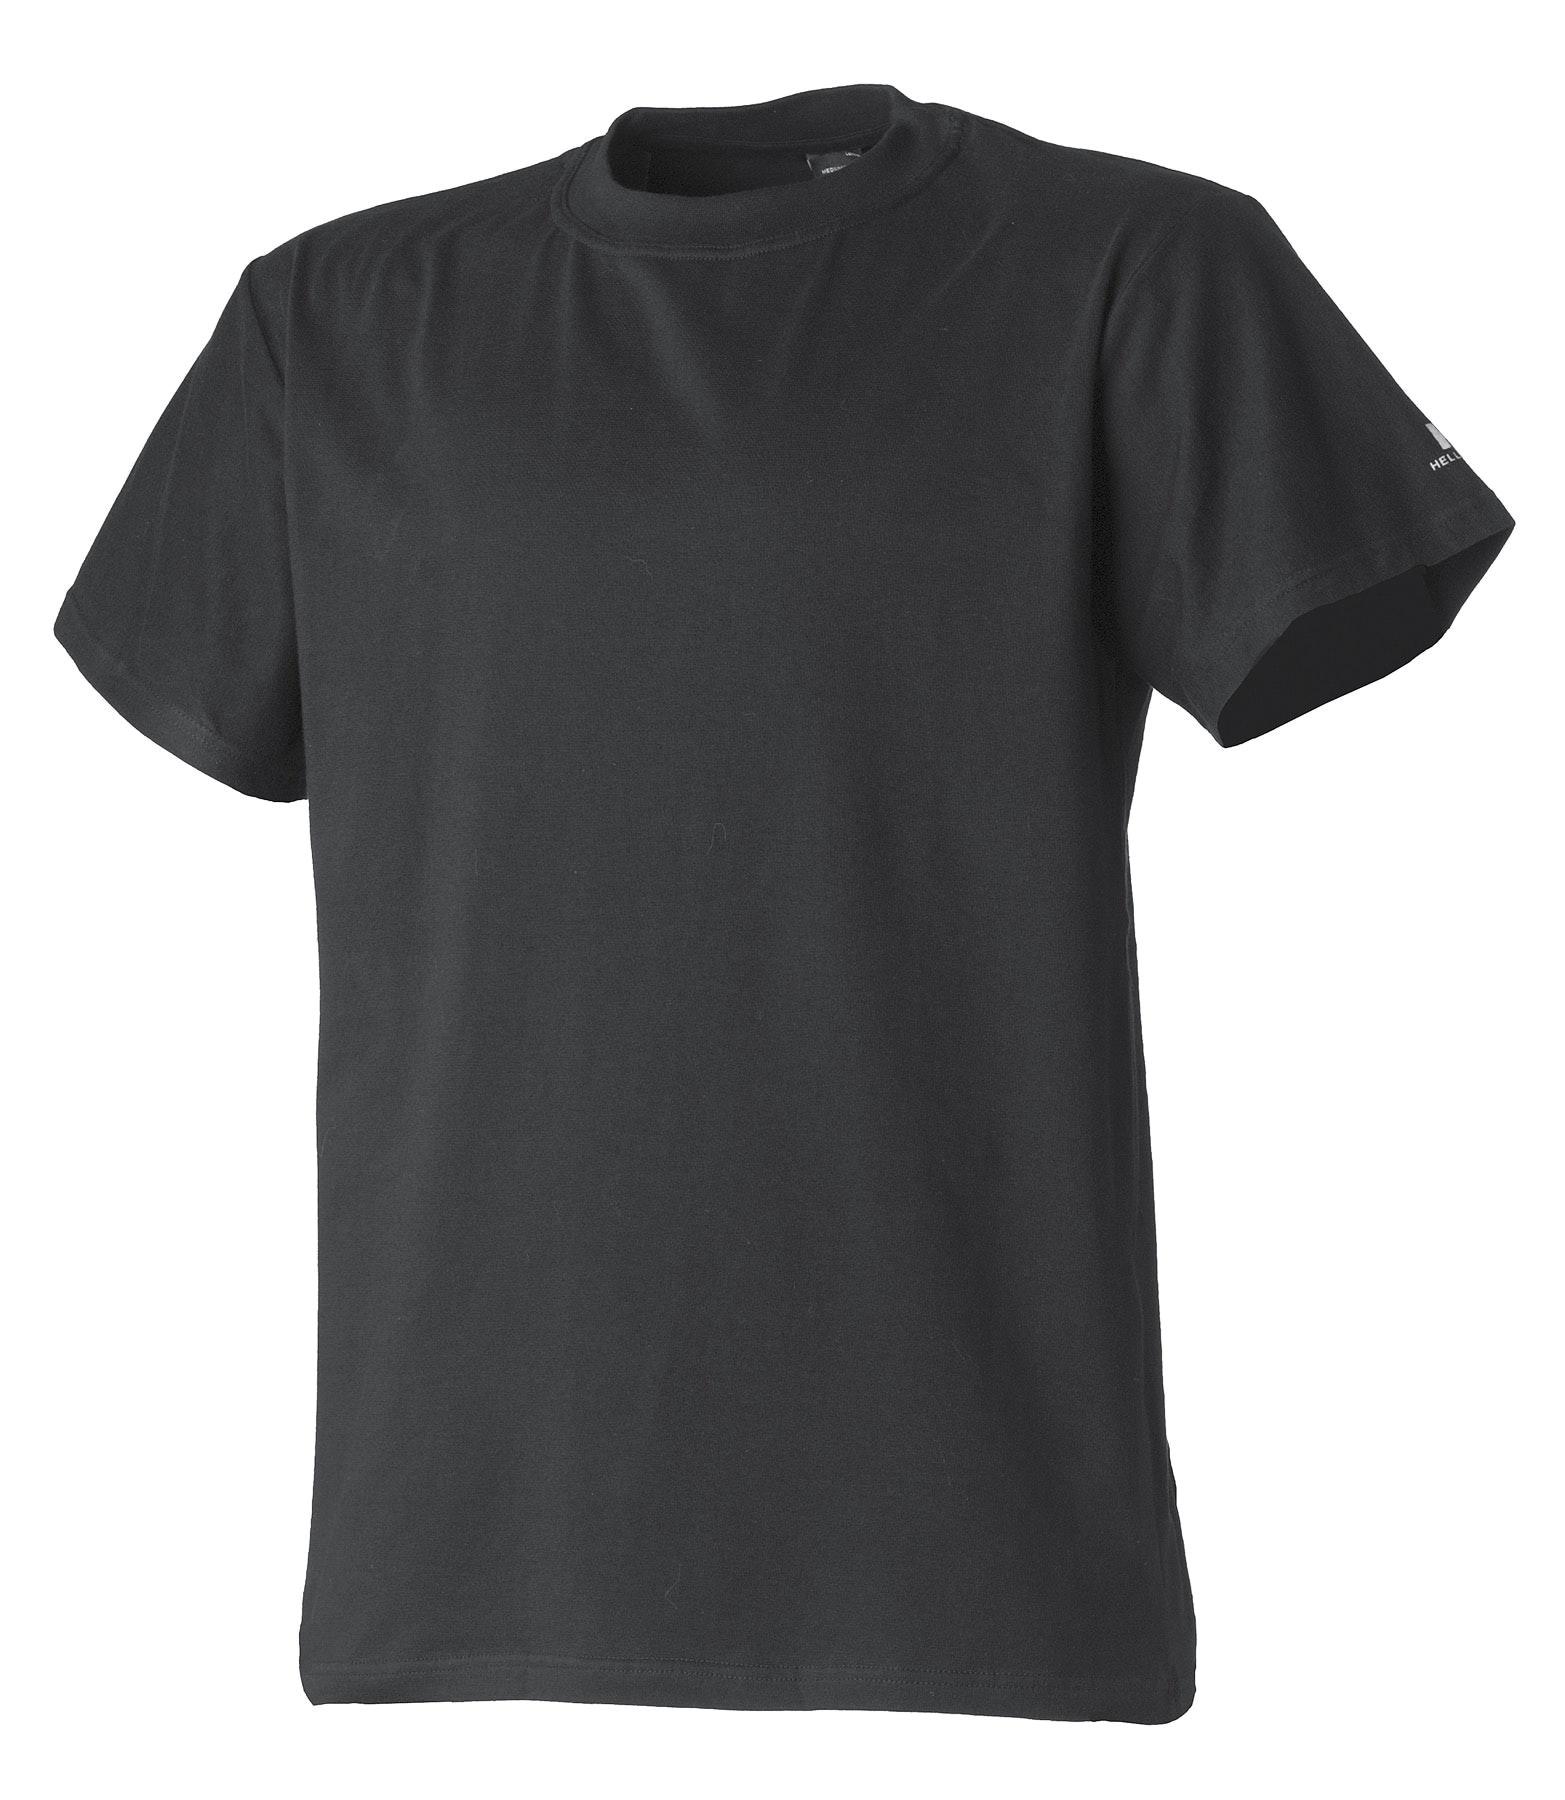 T-Shirt Helly Hansen Svart M Manchester